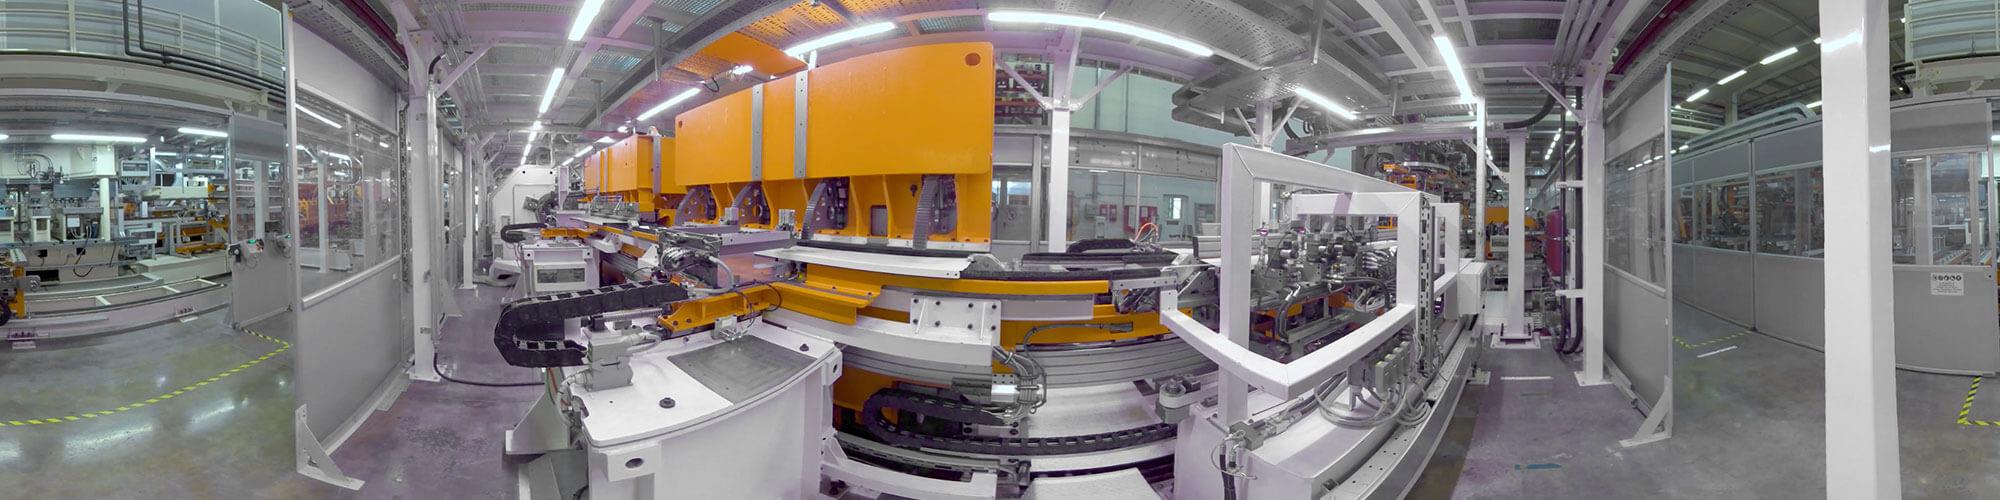 Aufnahme einer Maschine in 360 Grad